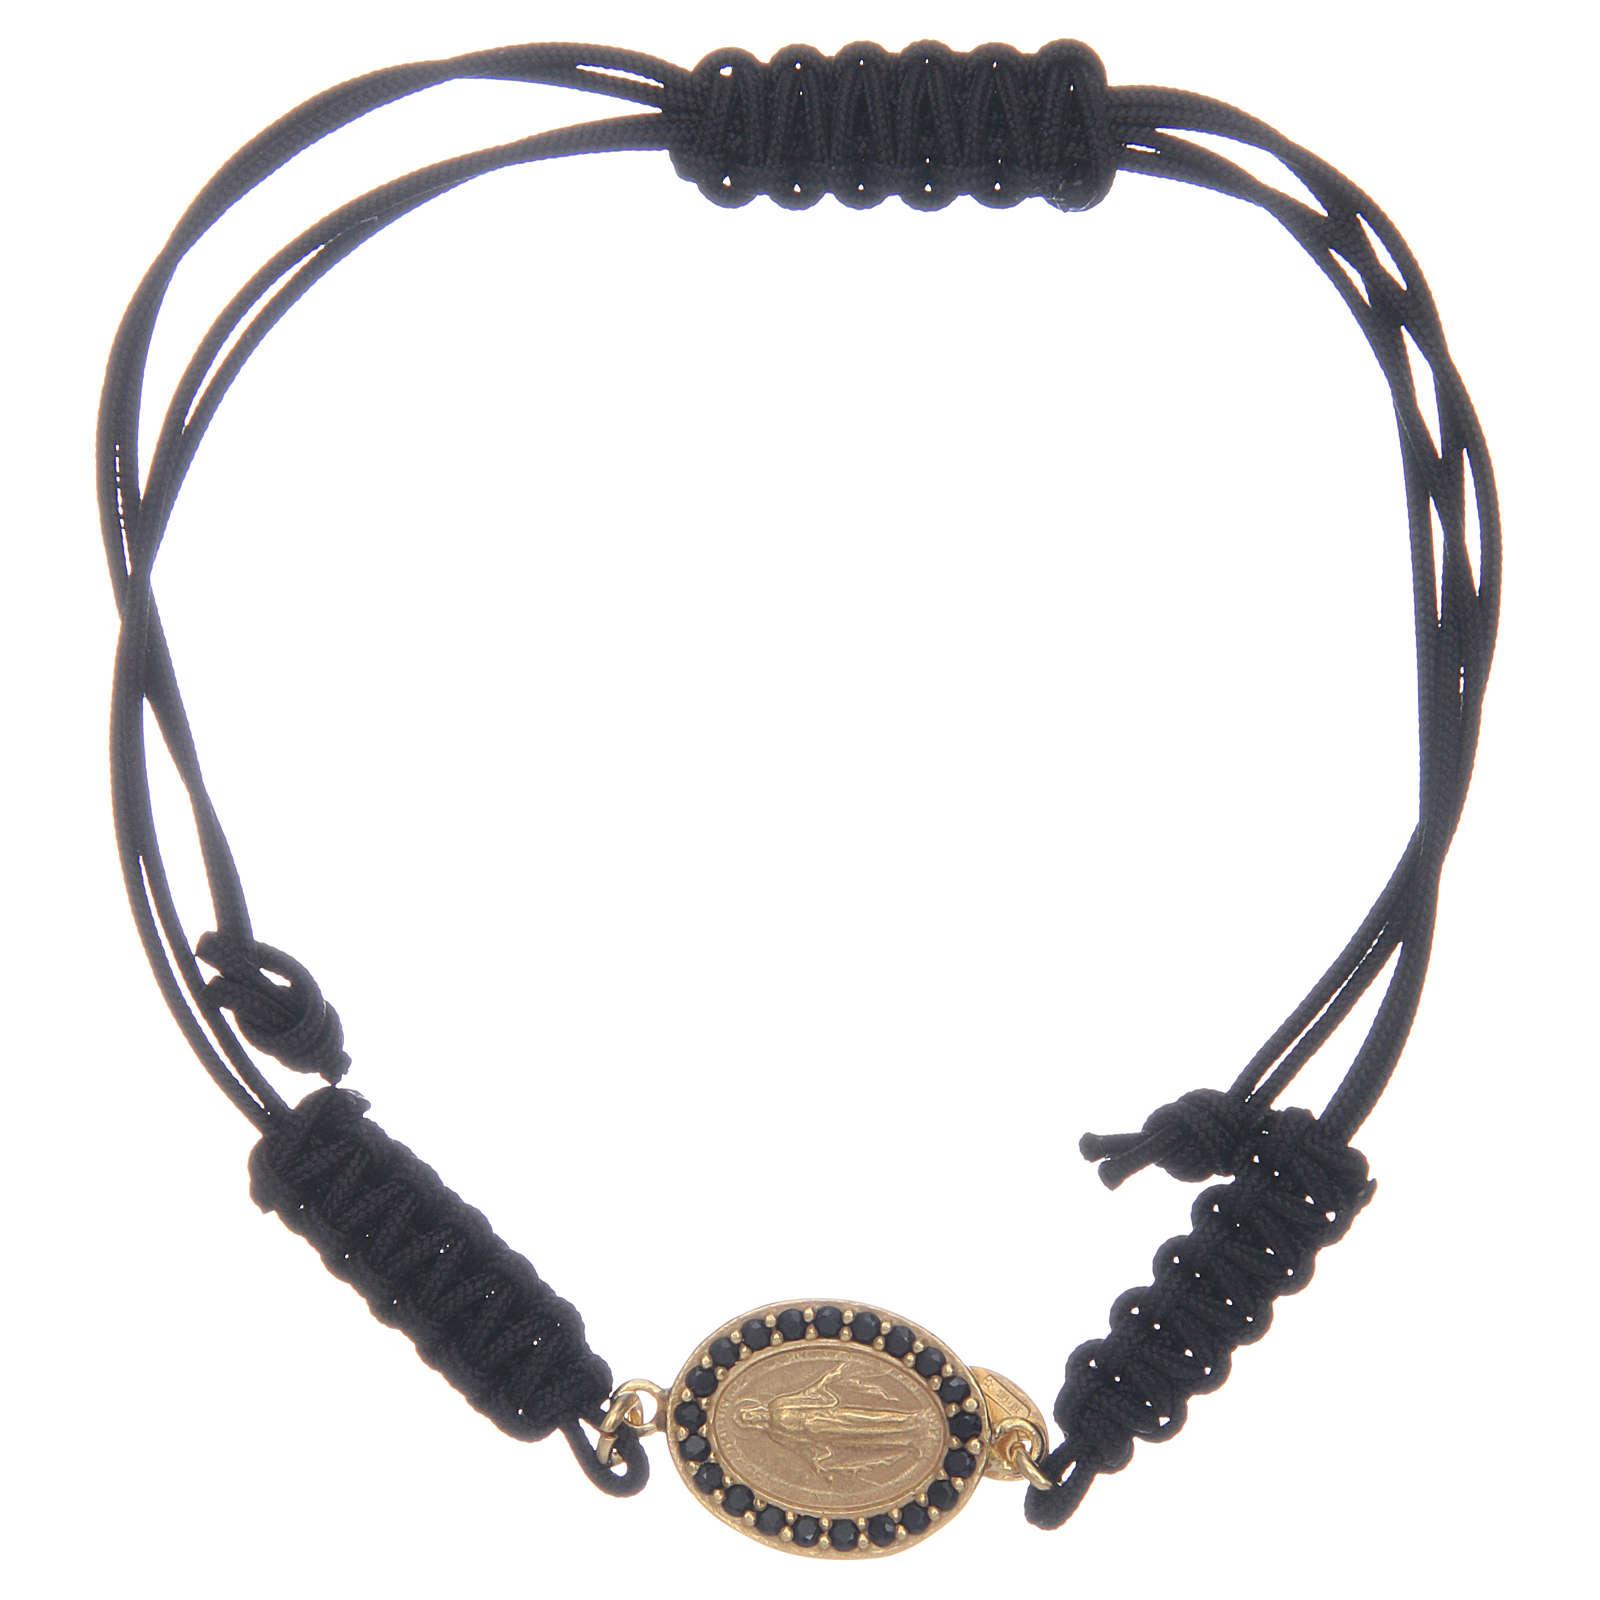 Bracciale cordino argento 925 Miracolosa dorata zirconi neri 4